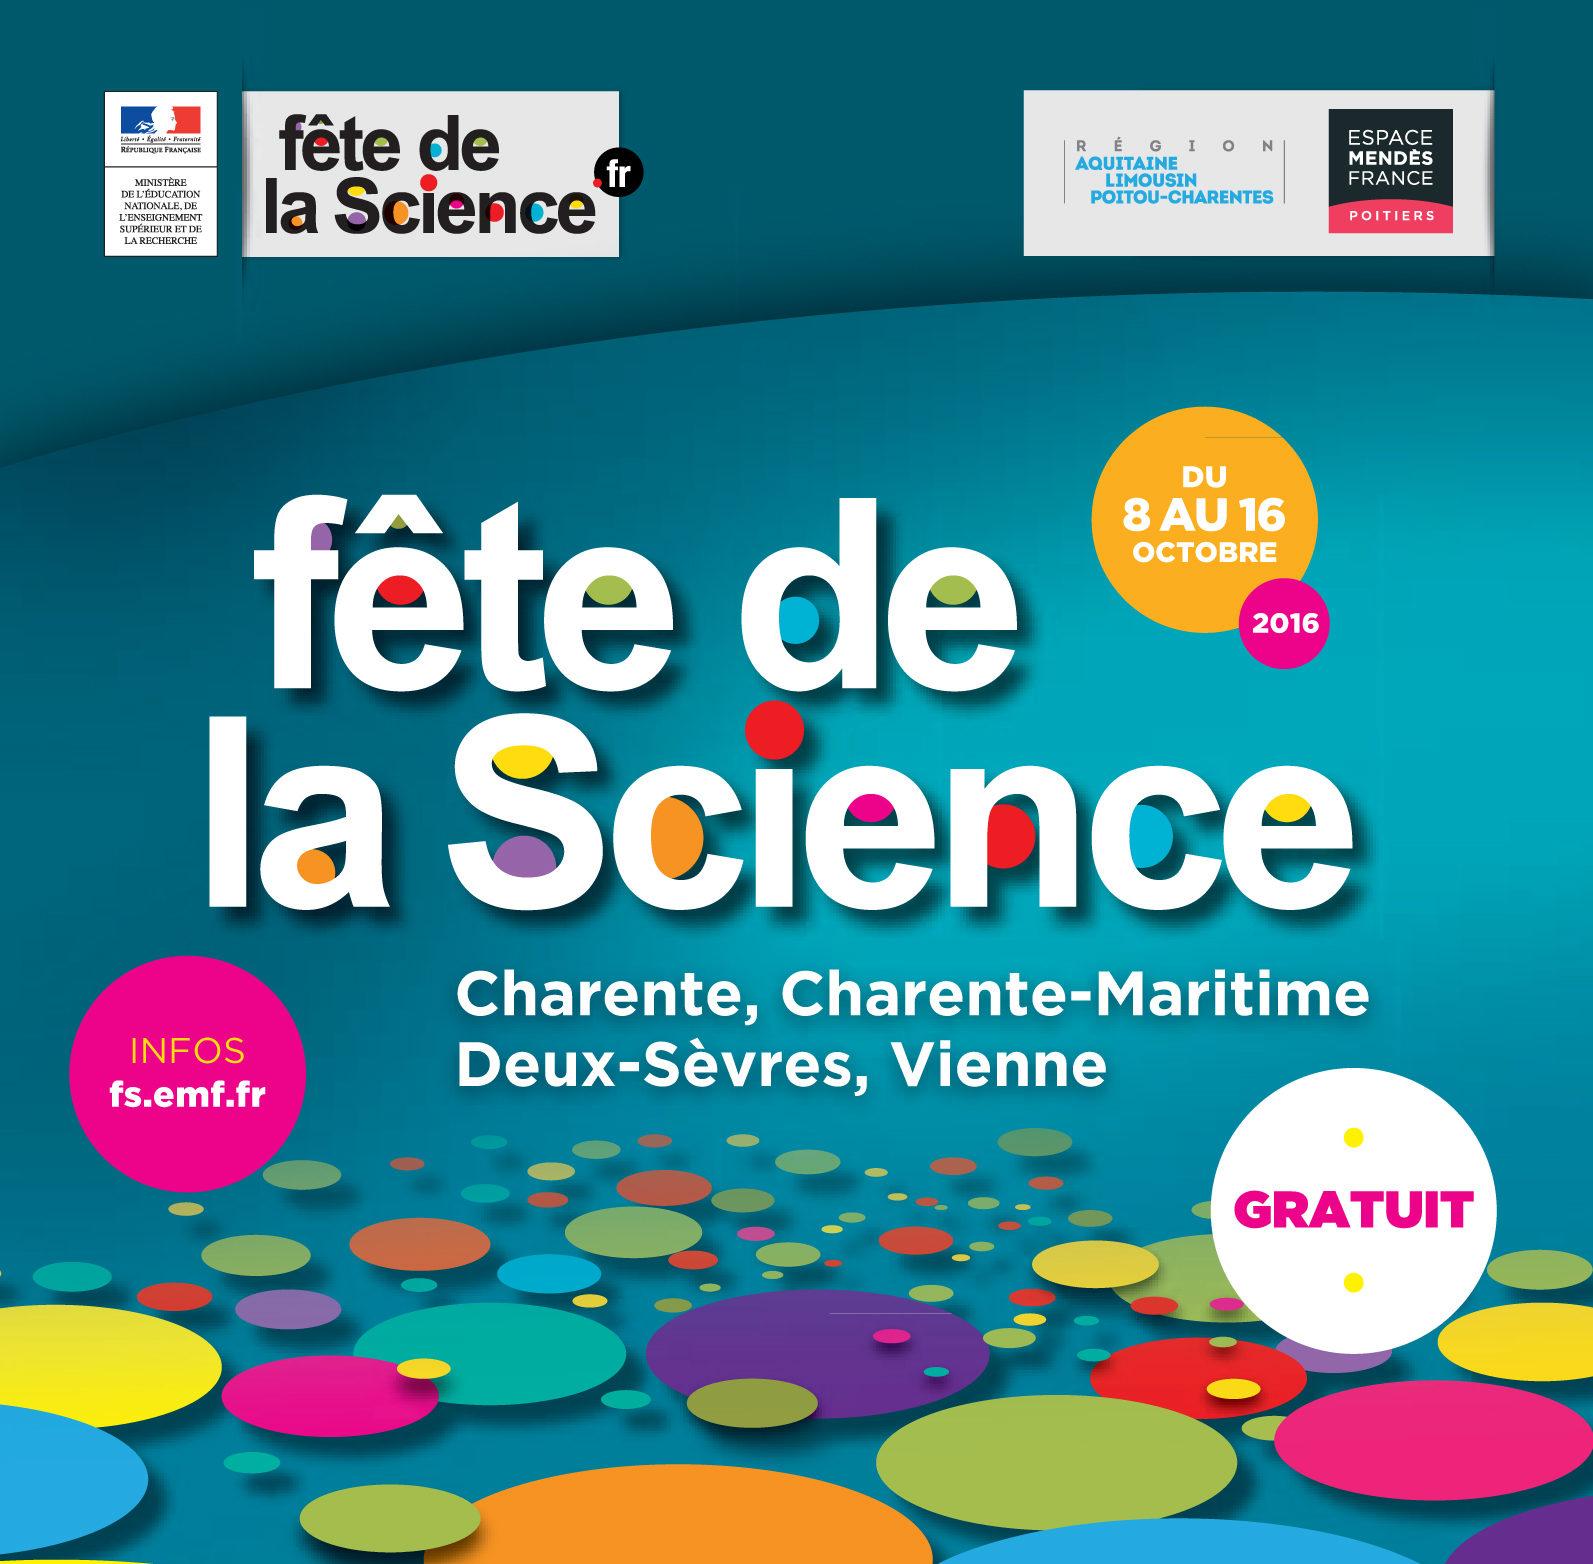 La Fête de la science sur France 3 Poitou-Charentes